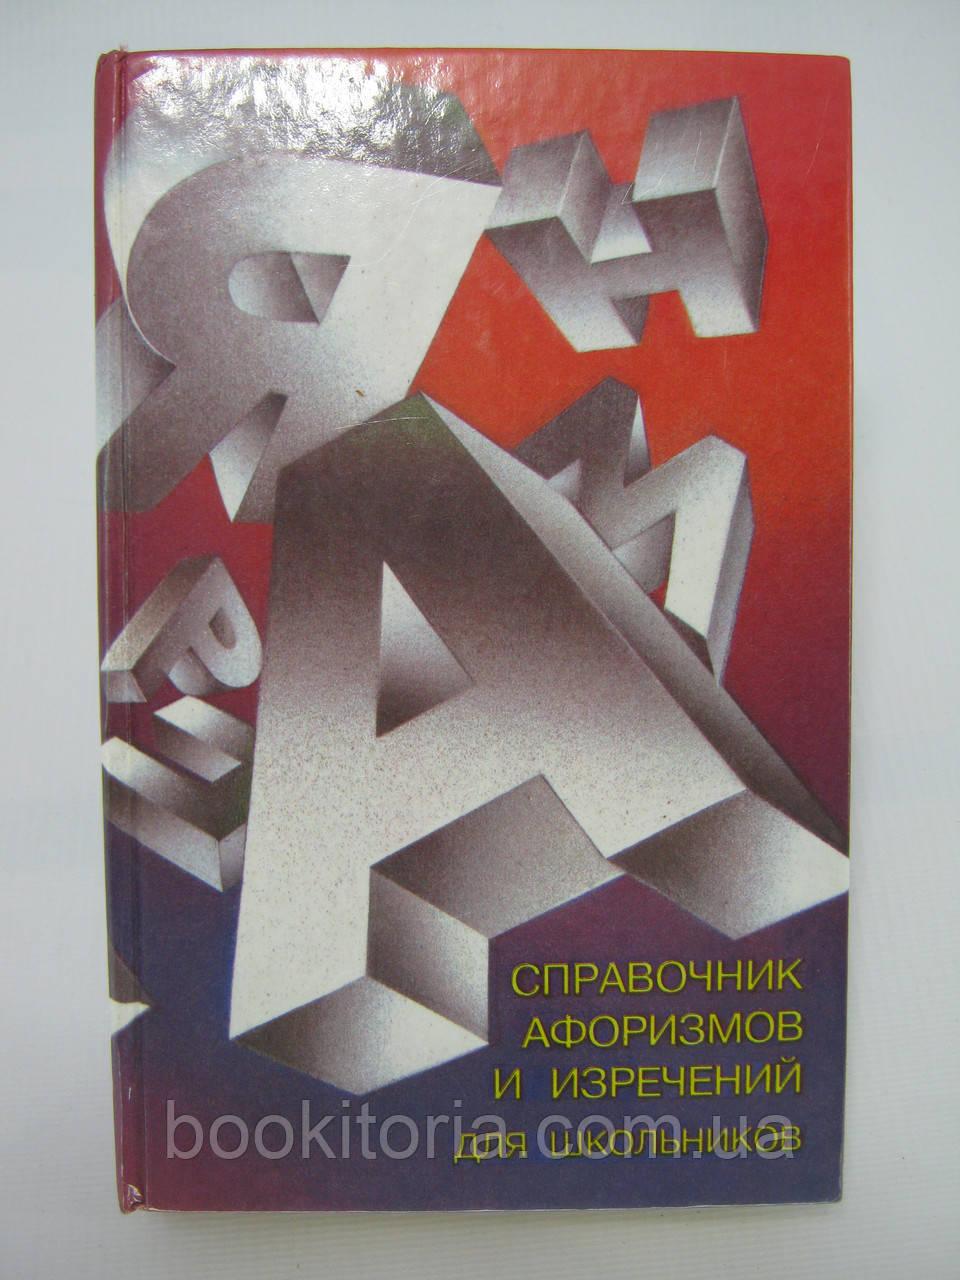 Справочник афоризмов и изречений для школьников (б/у).